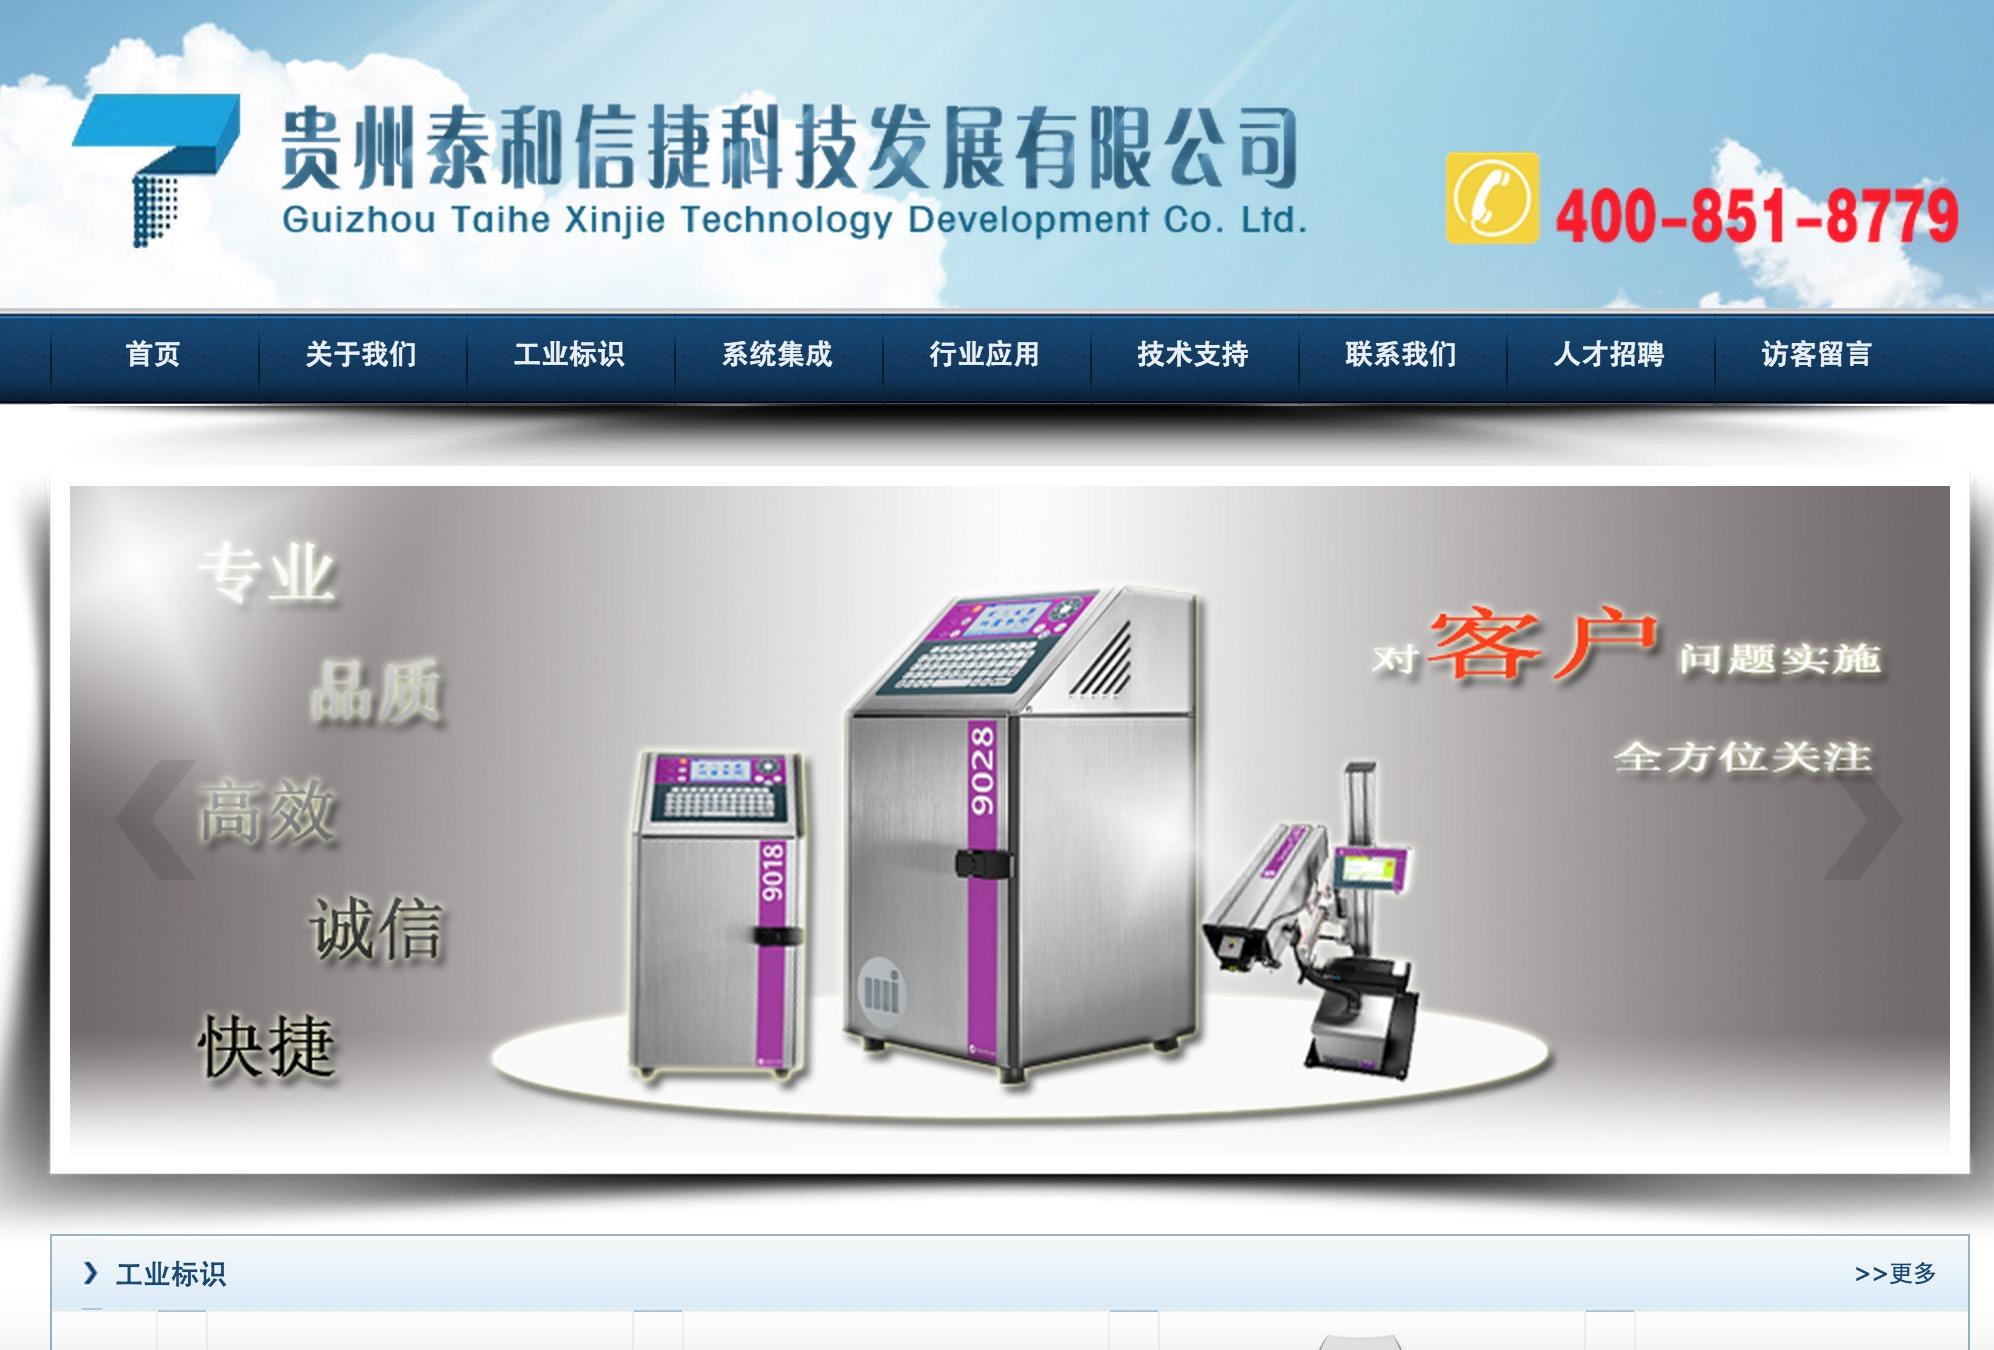 贵州泰和信捷科技发展有限公司签约富海360网站推广合作